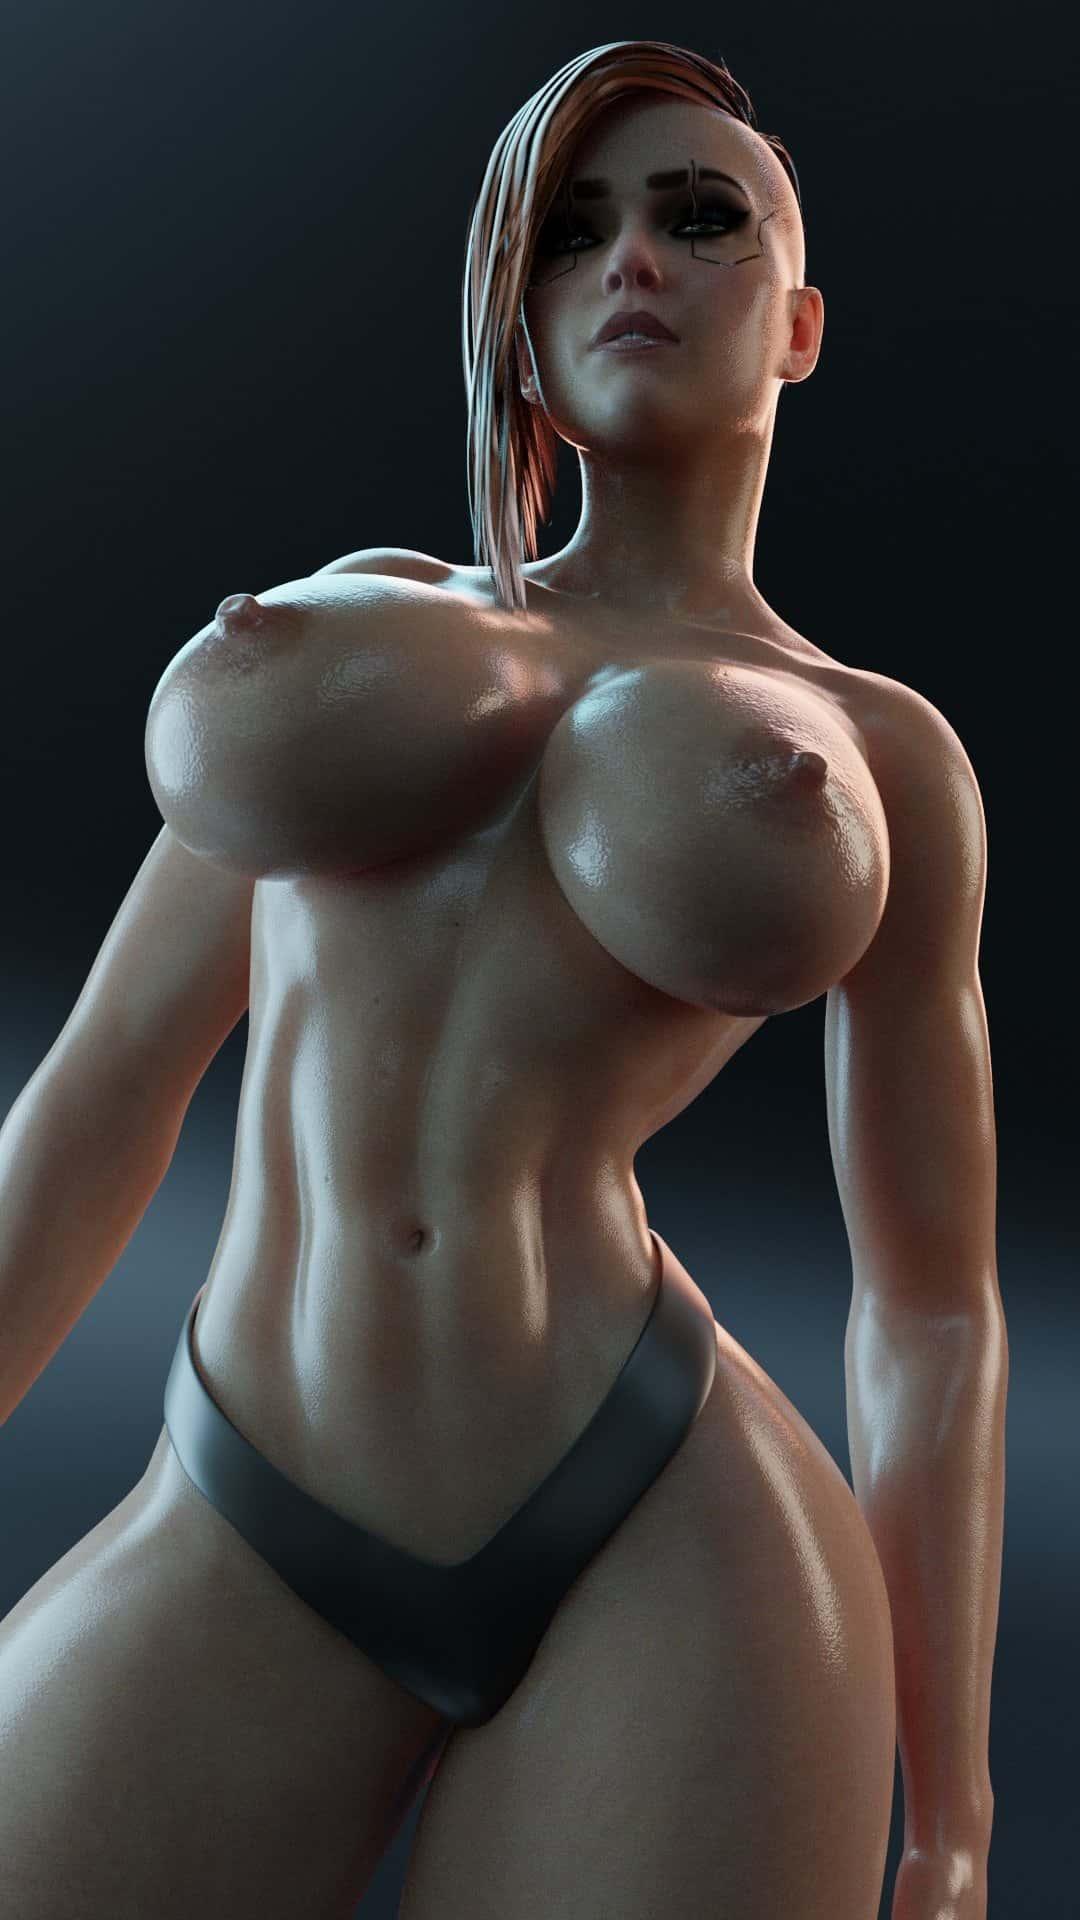 hentai cyberpunk 20775 - 【ゲーム】「サイバーパンク2077」のエロ画像:イラスト